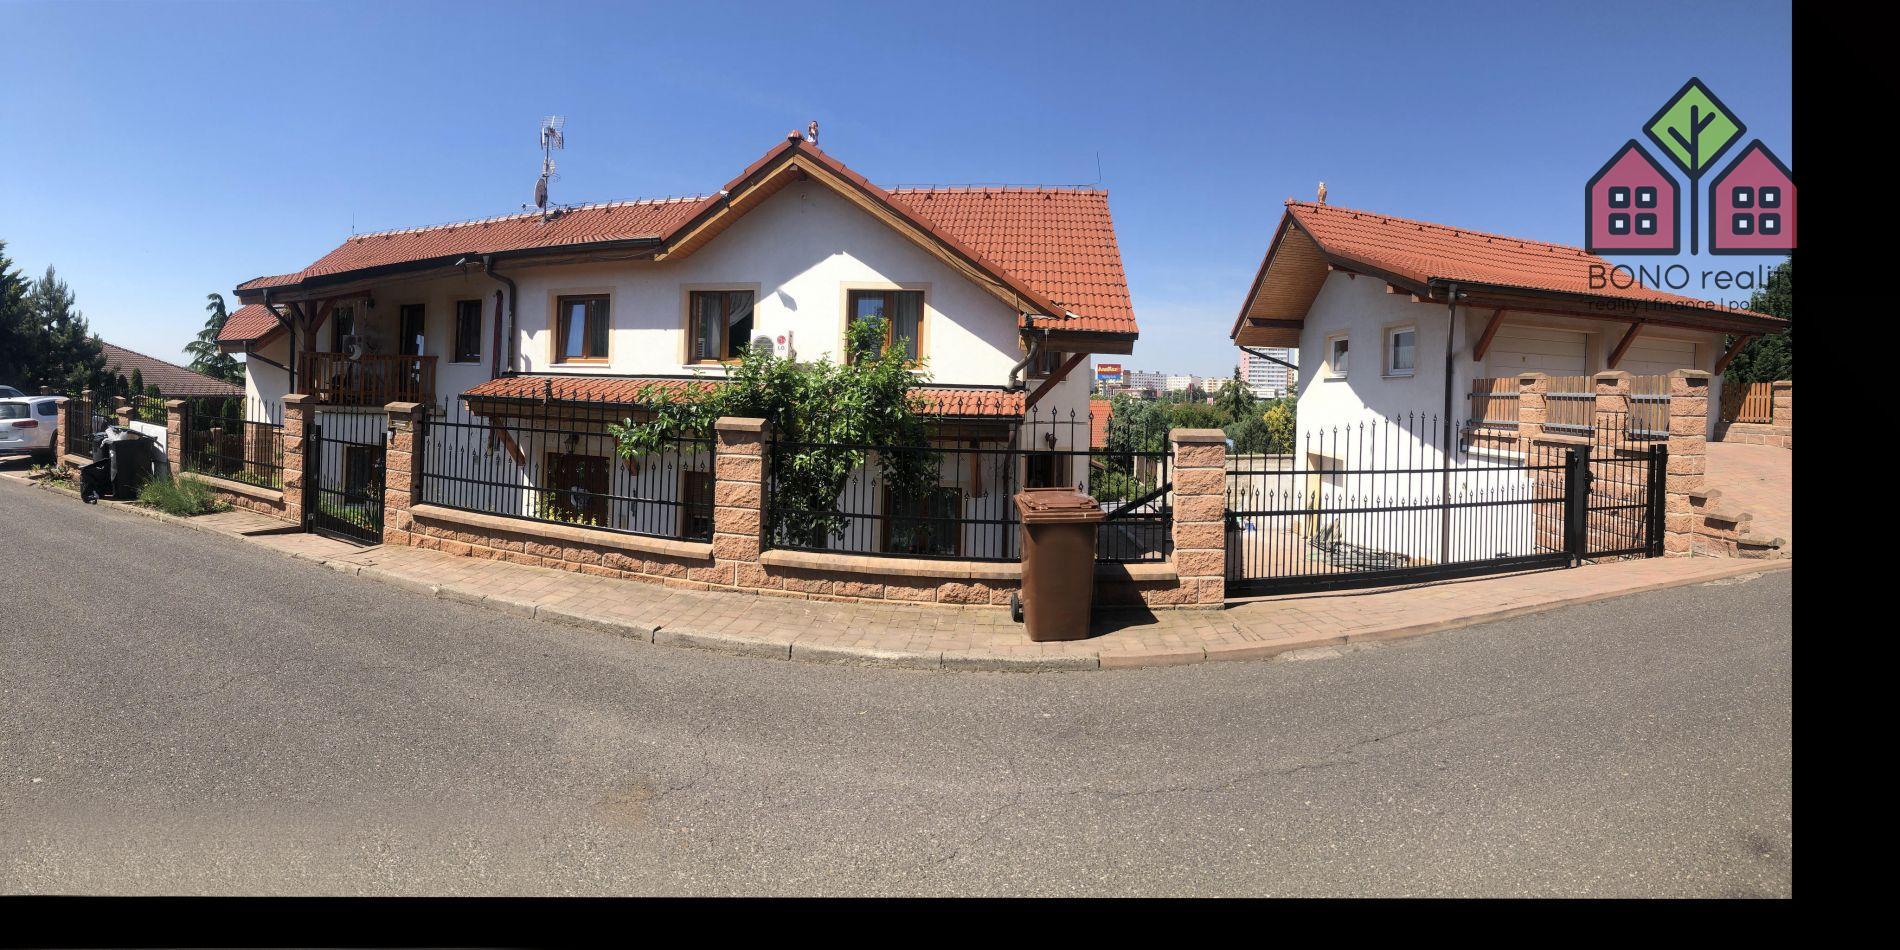 Vícegenerační RD 7+kk, pozemek 1353 m2, dvě garáže, zahrada, bazén, Most, ulice V Sadech